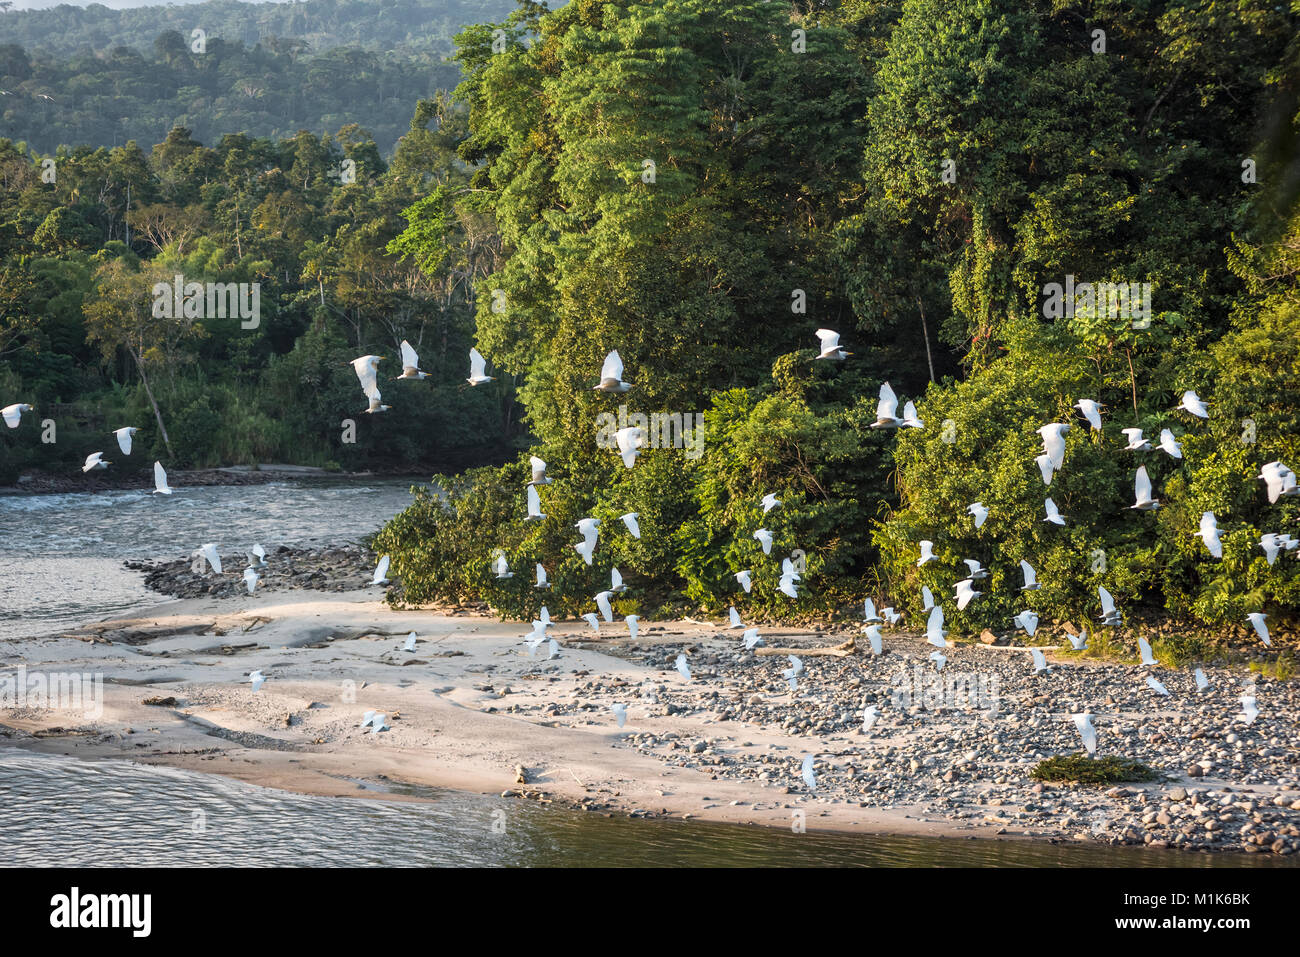 Selva Amazónica. Río Misahuallí. La provincia de Napo, Ecuador Foto de stock